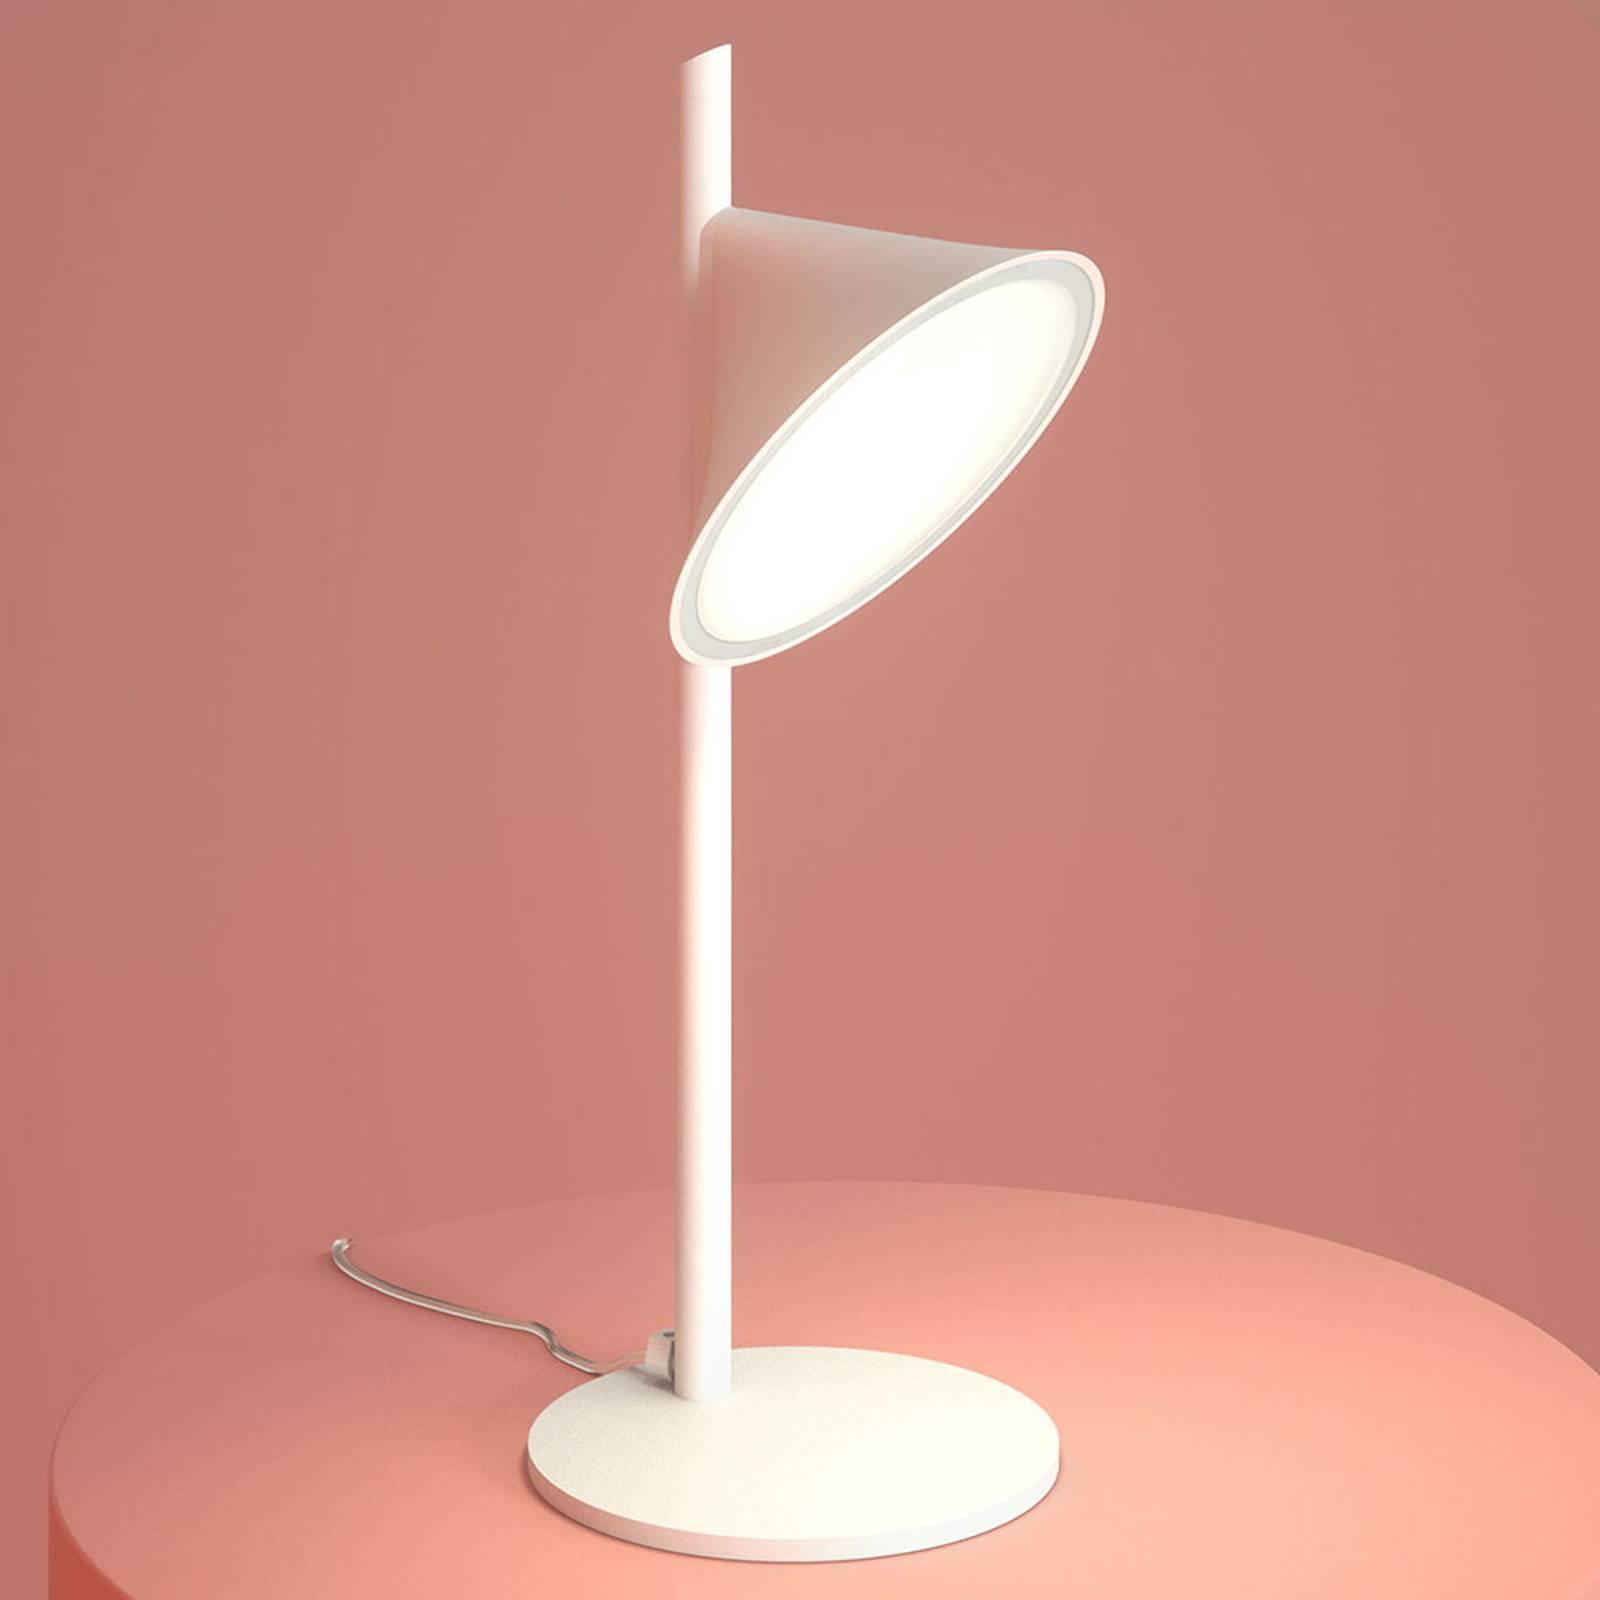 Axolight Orchid LED-bordlampe, hvit